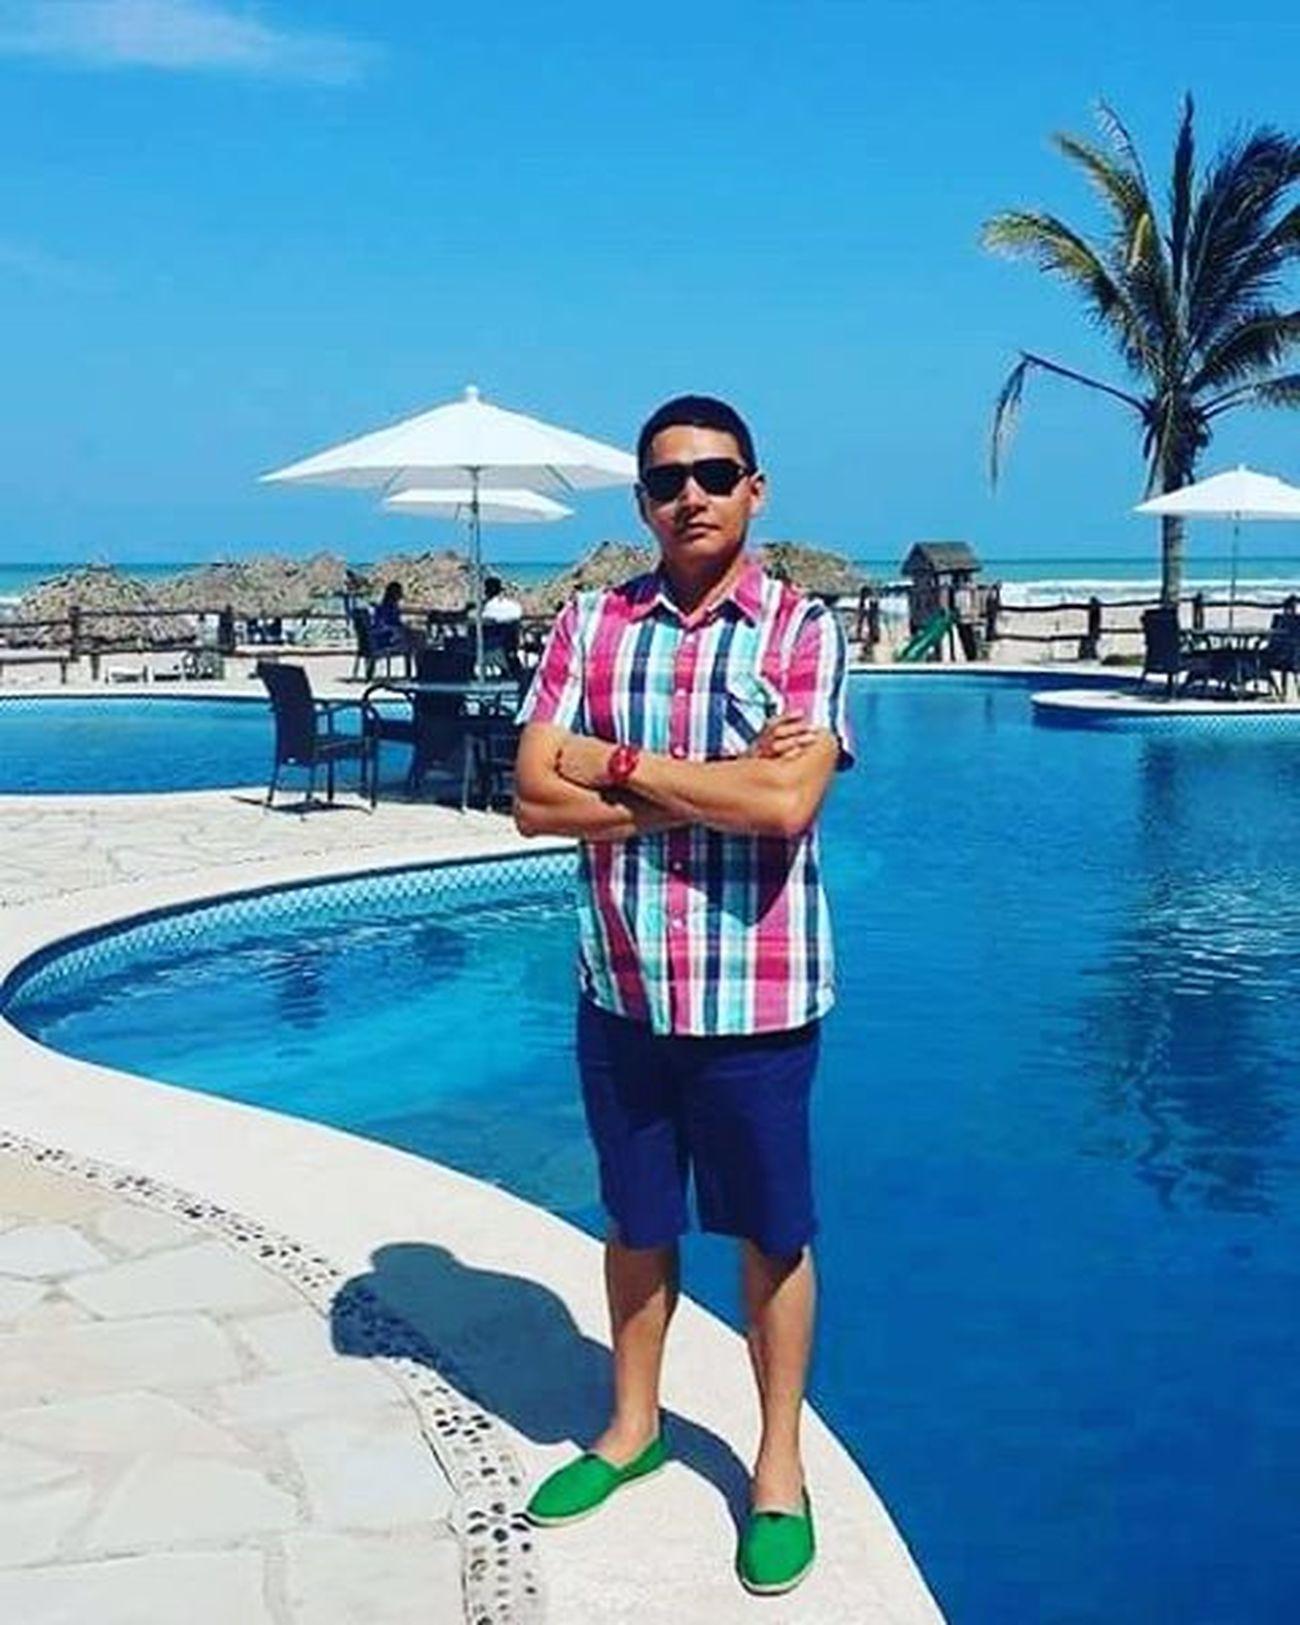 Ernuel Arenasdelmar Tampico Tampicomiramar Coleccionandomomentos